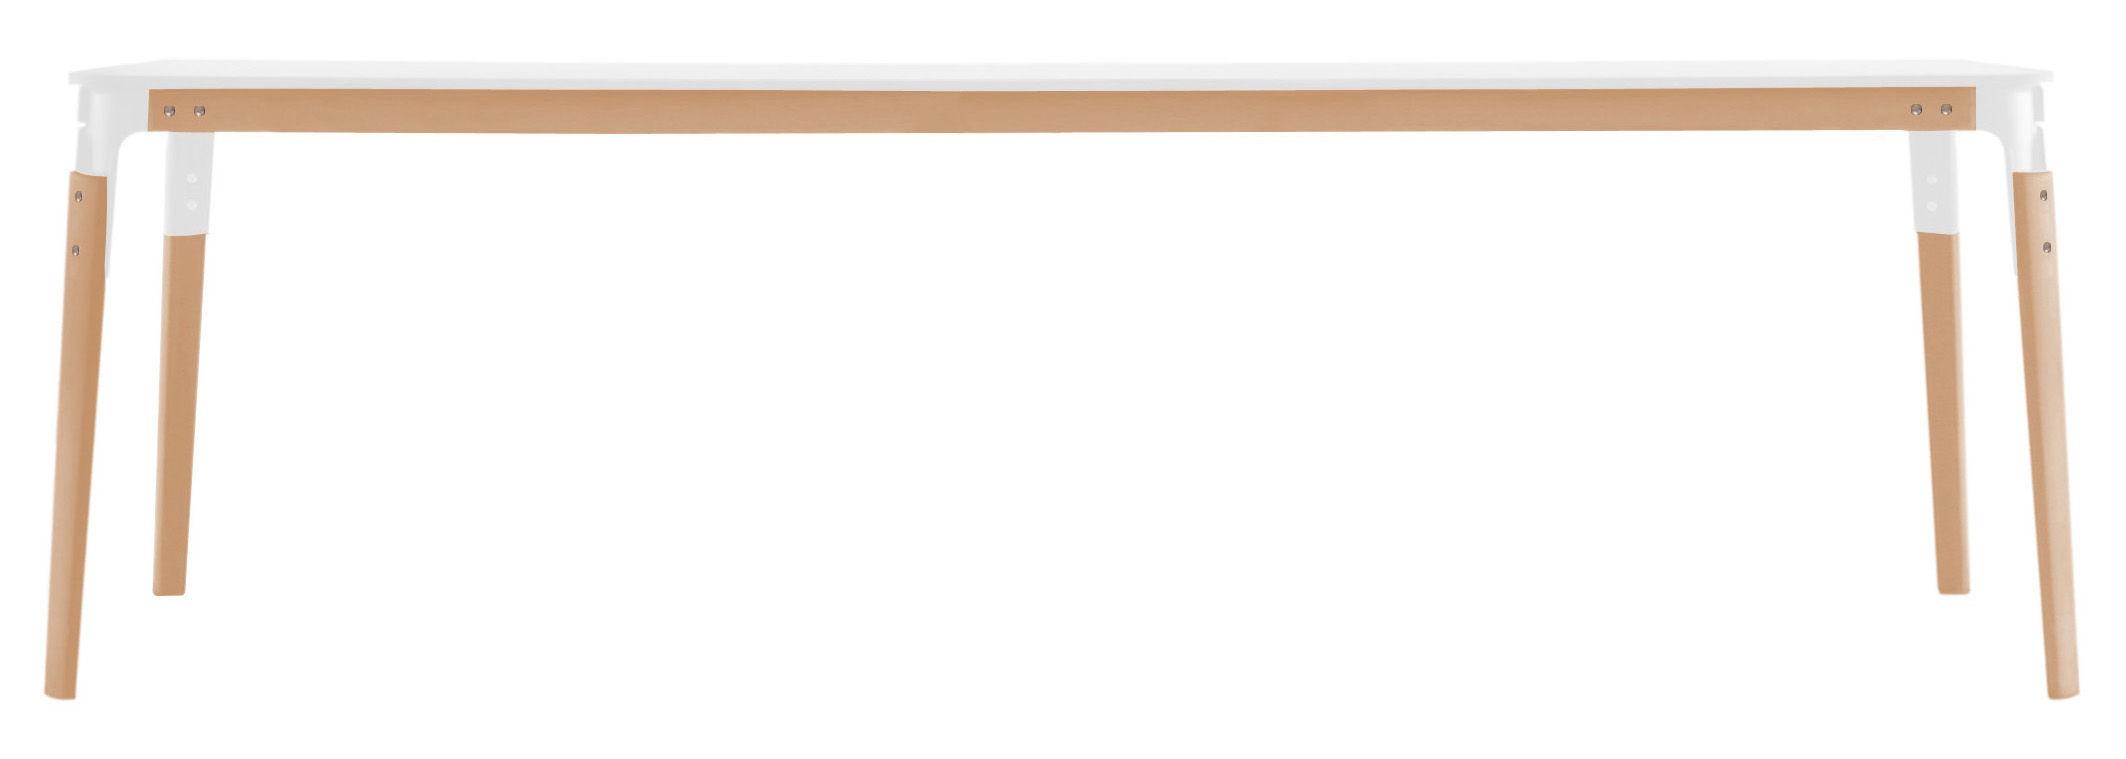 Mobilier - Mobilier Ados - Table rectangulaire Steelwood / 180 x 90 cm - Magis - Blanc et hêtre - 180 x 90 cm - Acier verni, Hêtre, Laminé HPL verni